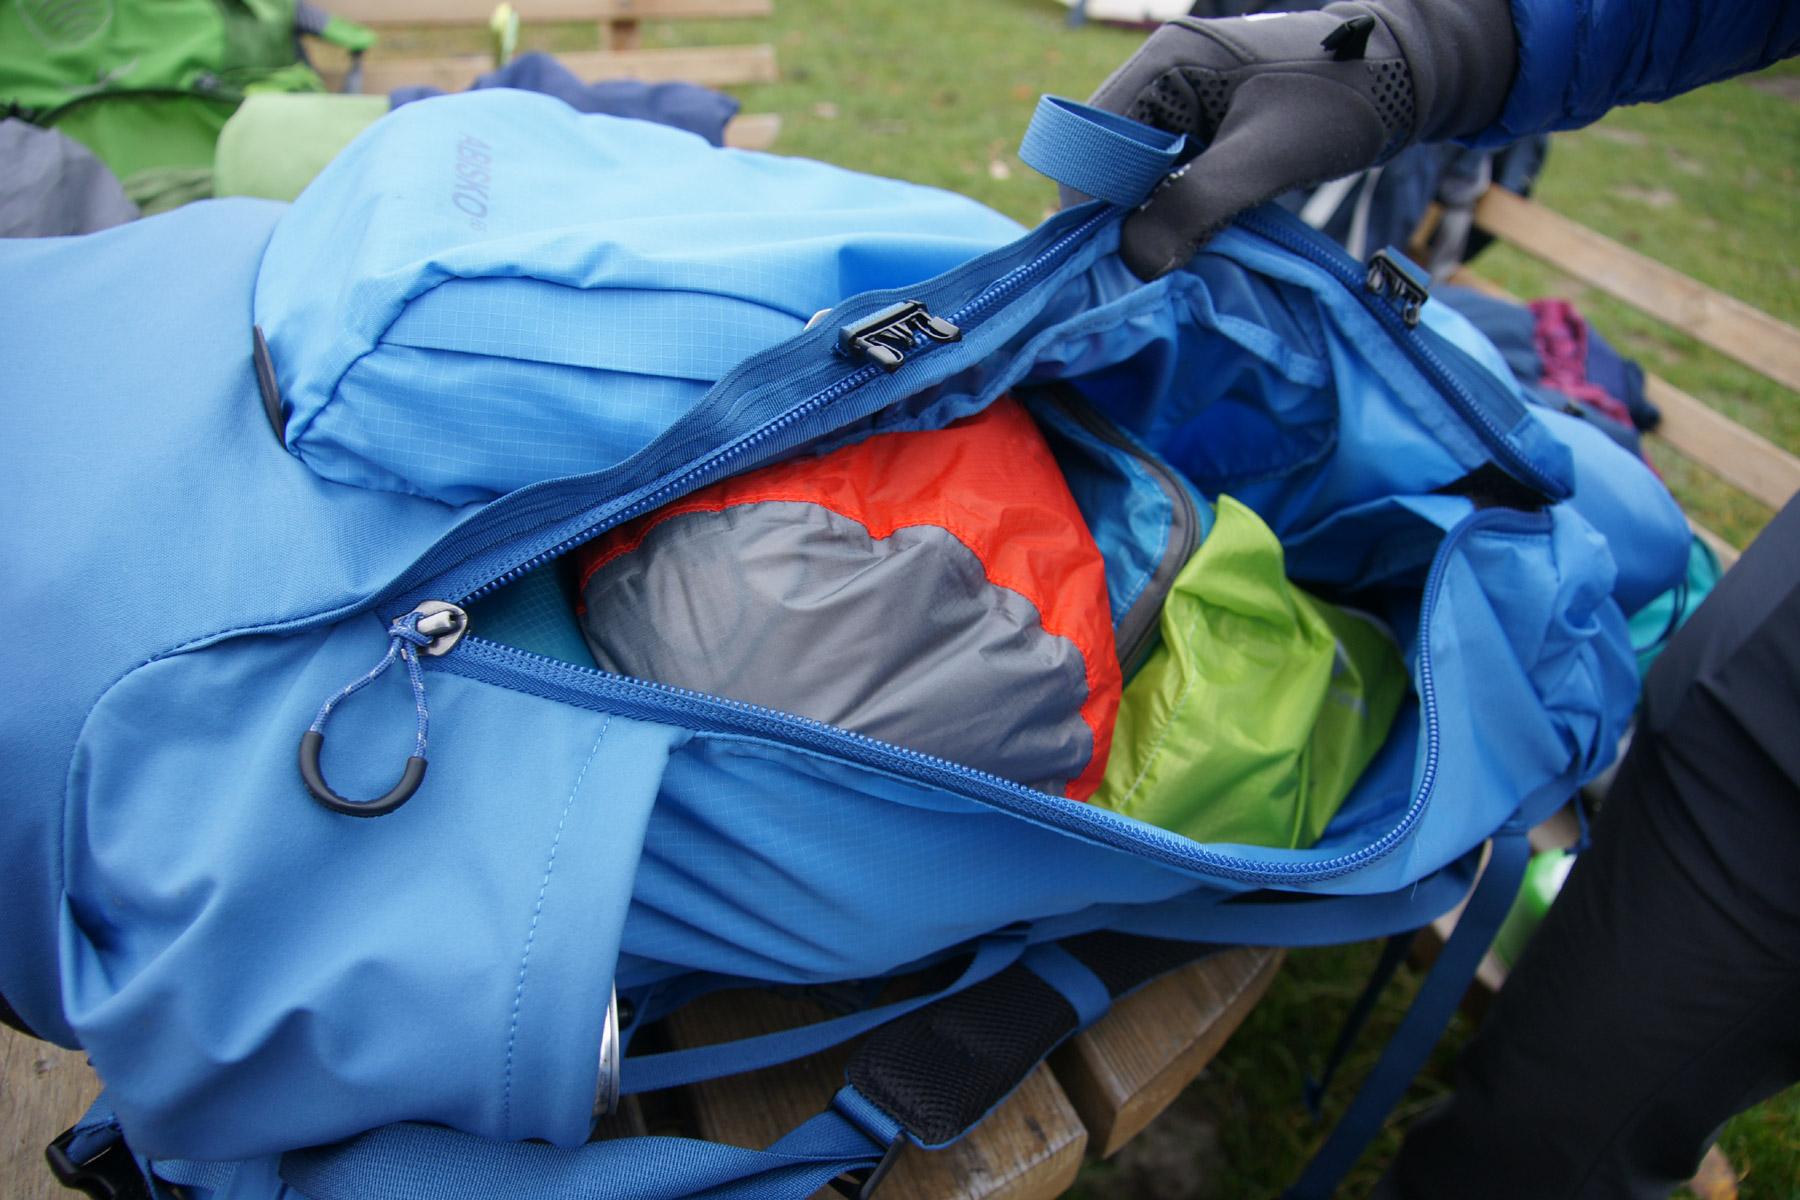 Ausrstung Reiseberichte Informationen Auf Testtour Mit Dem Fjallraven Abisko Hike 35 Green Trekkingrucksack Testbericht Auch Ohne G 1000 Absolut Genial Tour